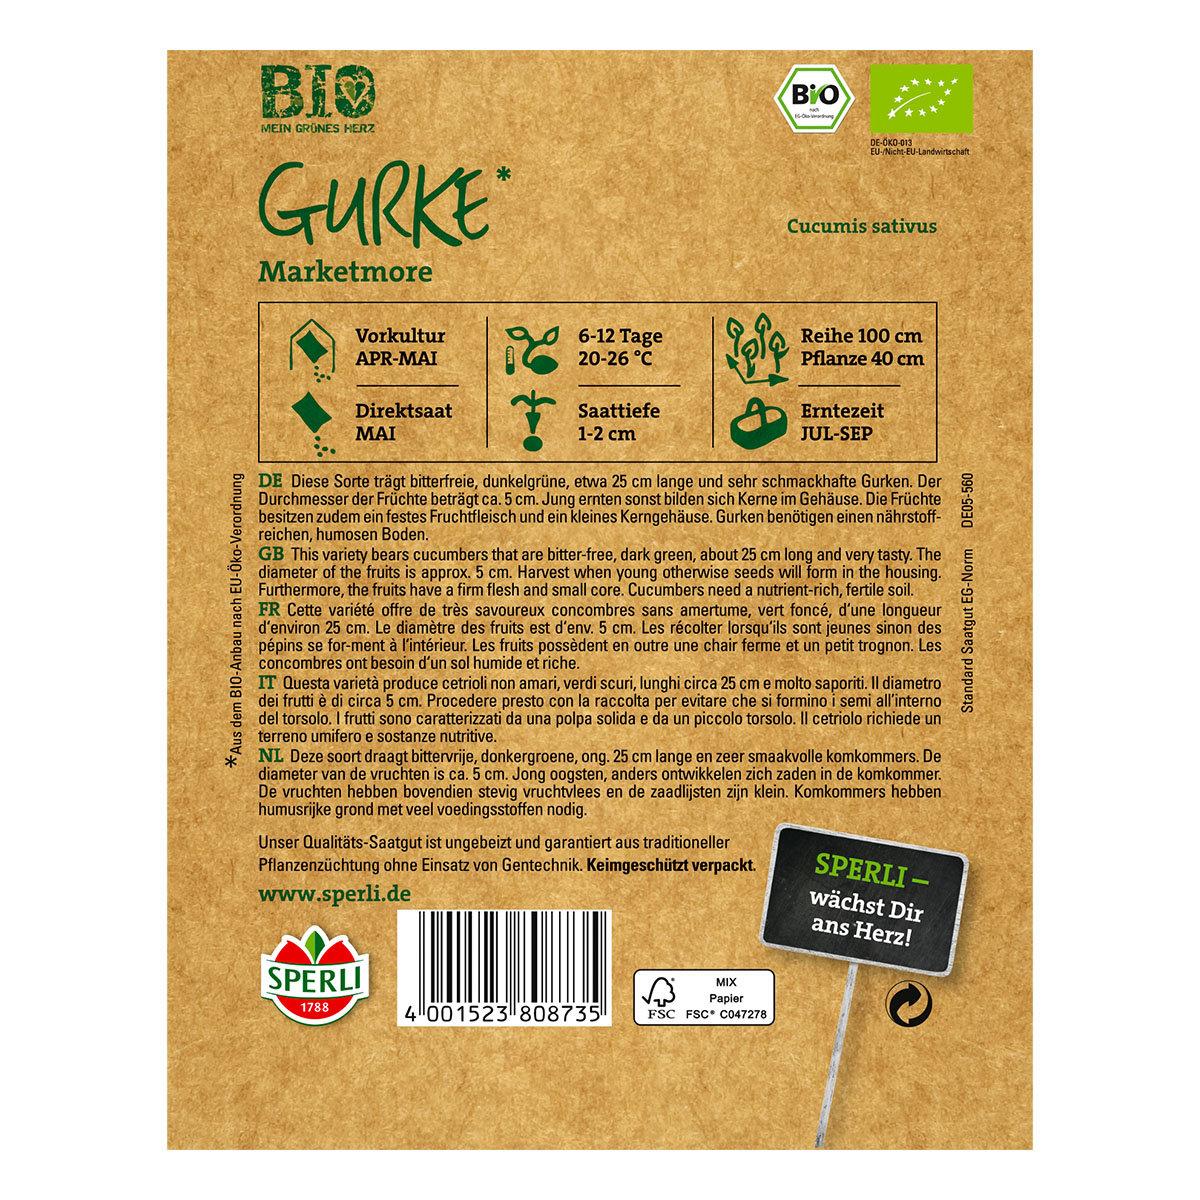 BIO Gurkensamen Marketmore | #2